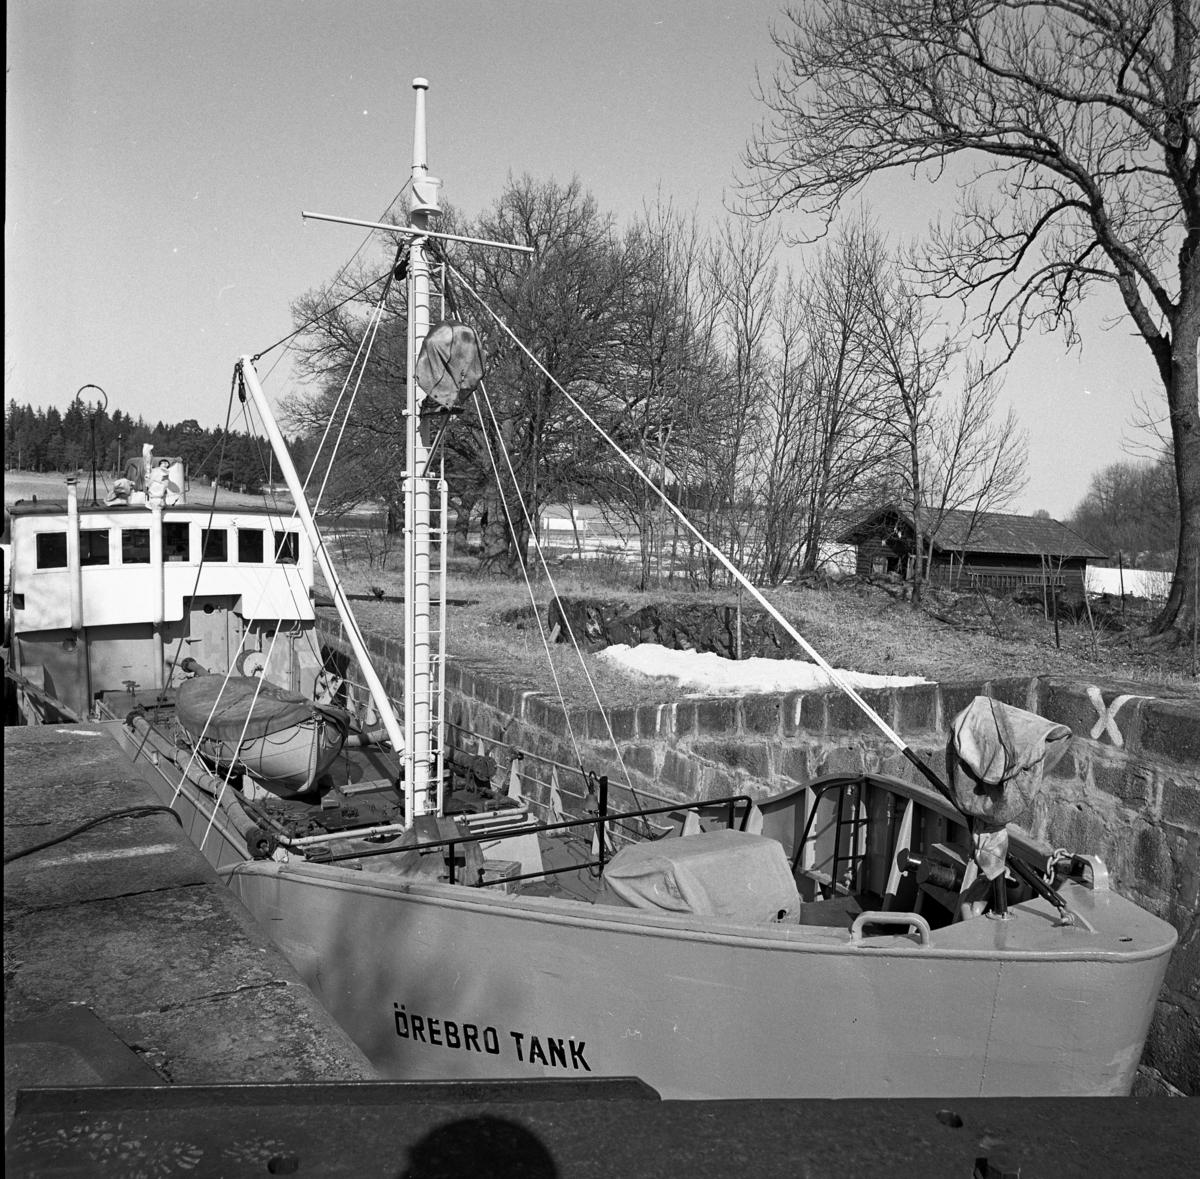 """En stor tankbåt slussar in i Hjälmare kanal vid Gravudden. Det står """"Örebro tank"""" i fören. Det är vårvinter, snön ligger fläckvis kvar."""